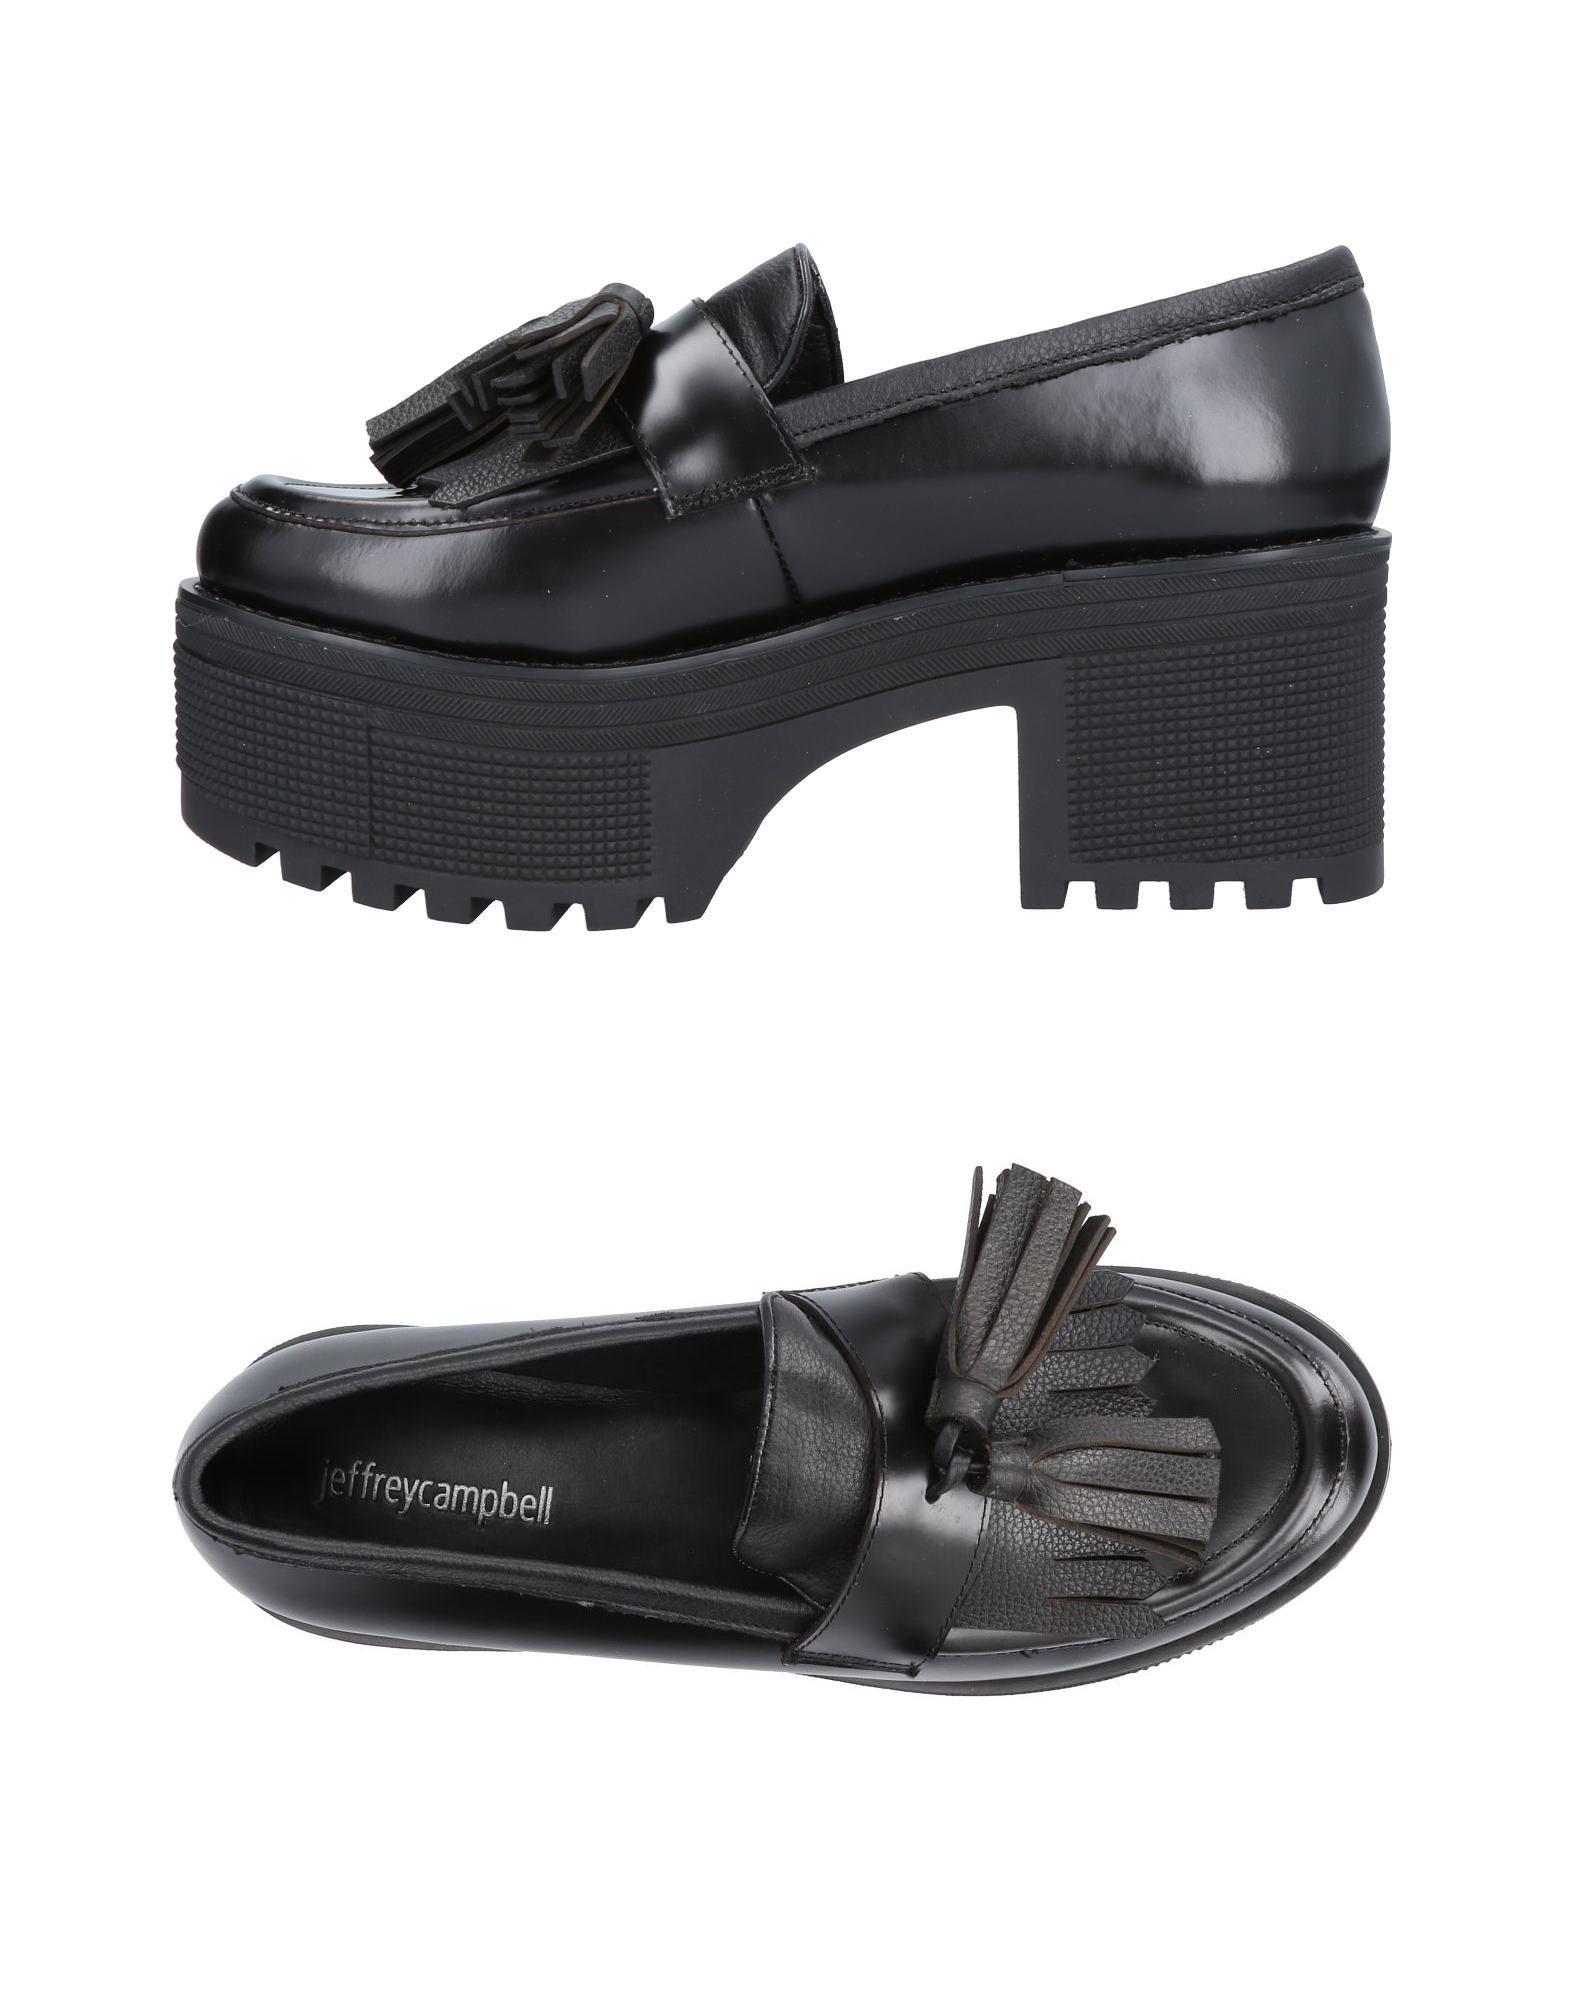 Jeffrey Campbell Mokassins Damen  11467143KR Gute Qualität beliebte Schuhe